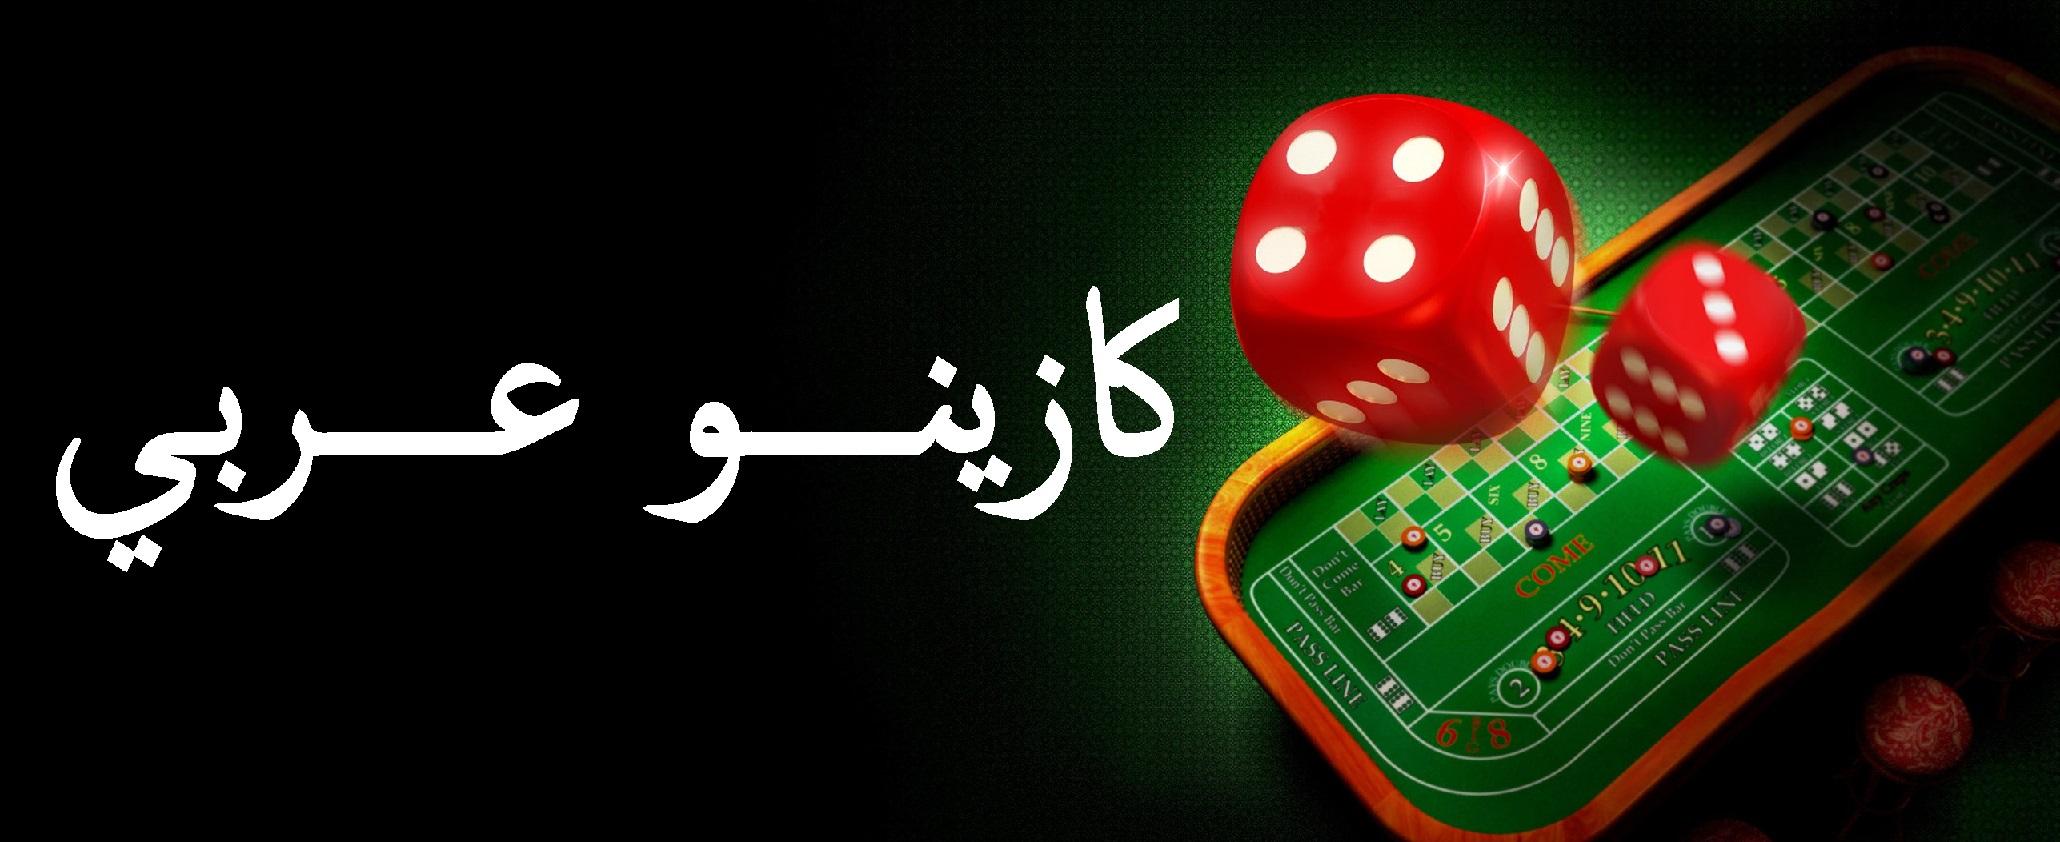 لعبة البكارات 763726